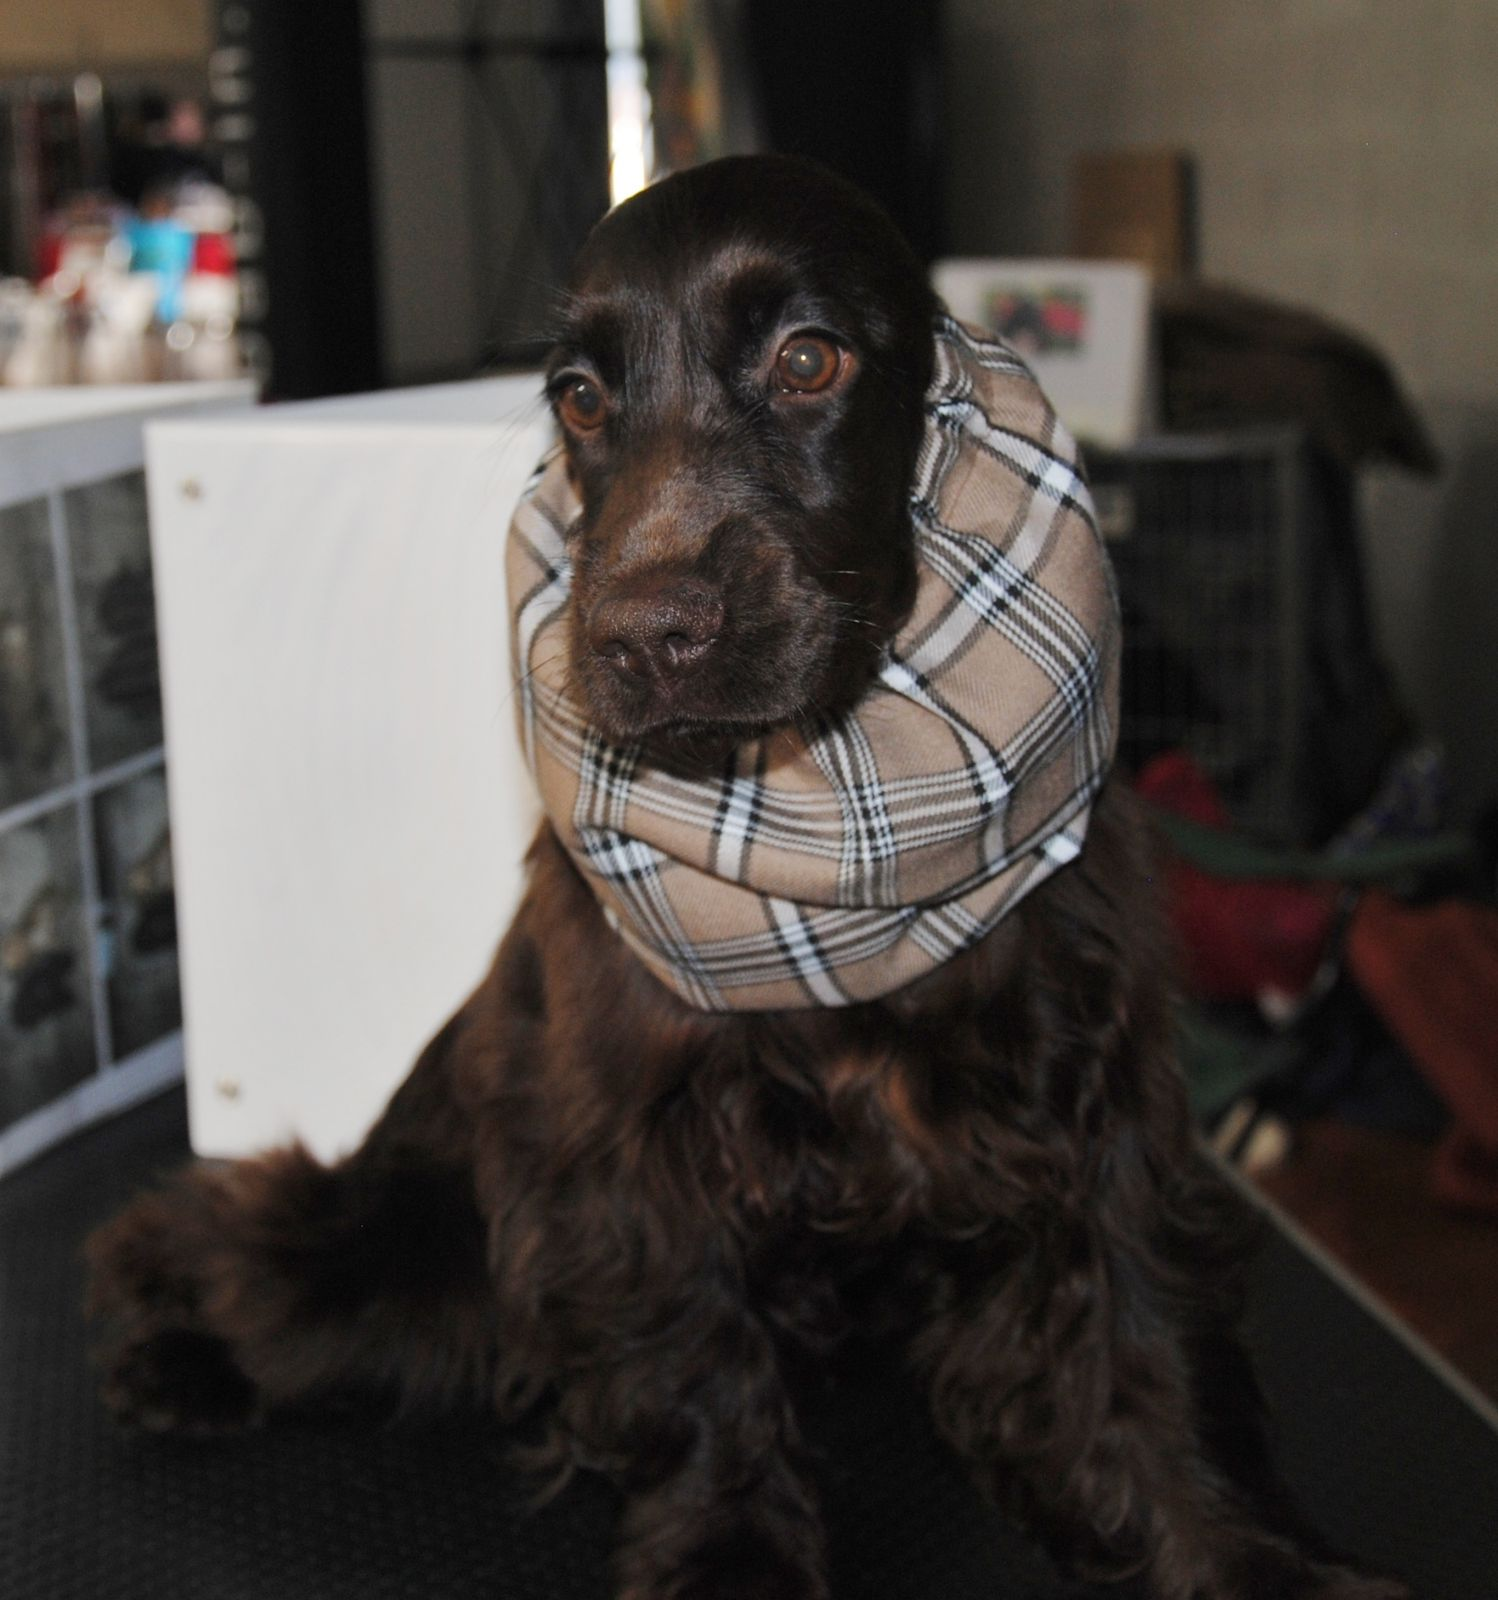 Une petite photo  d' Inaya lana à l'exposition de Castres, merci à Mr COMMES Christophe.